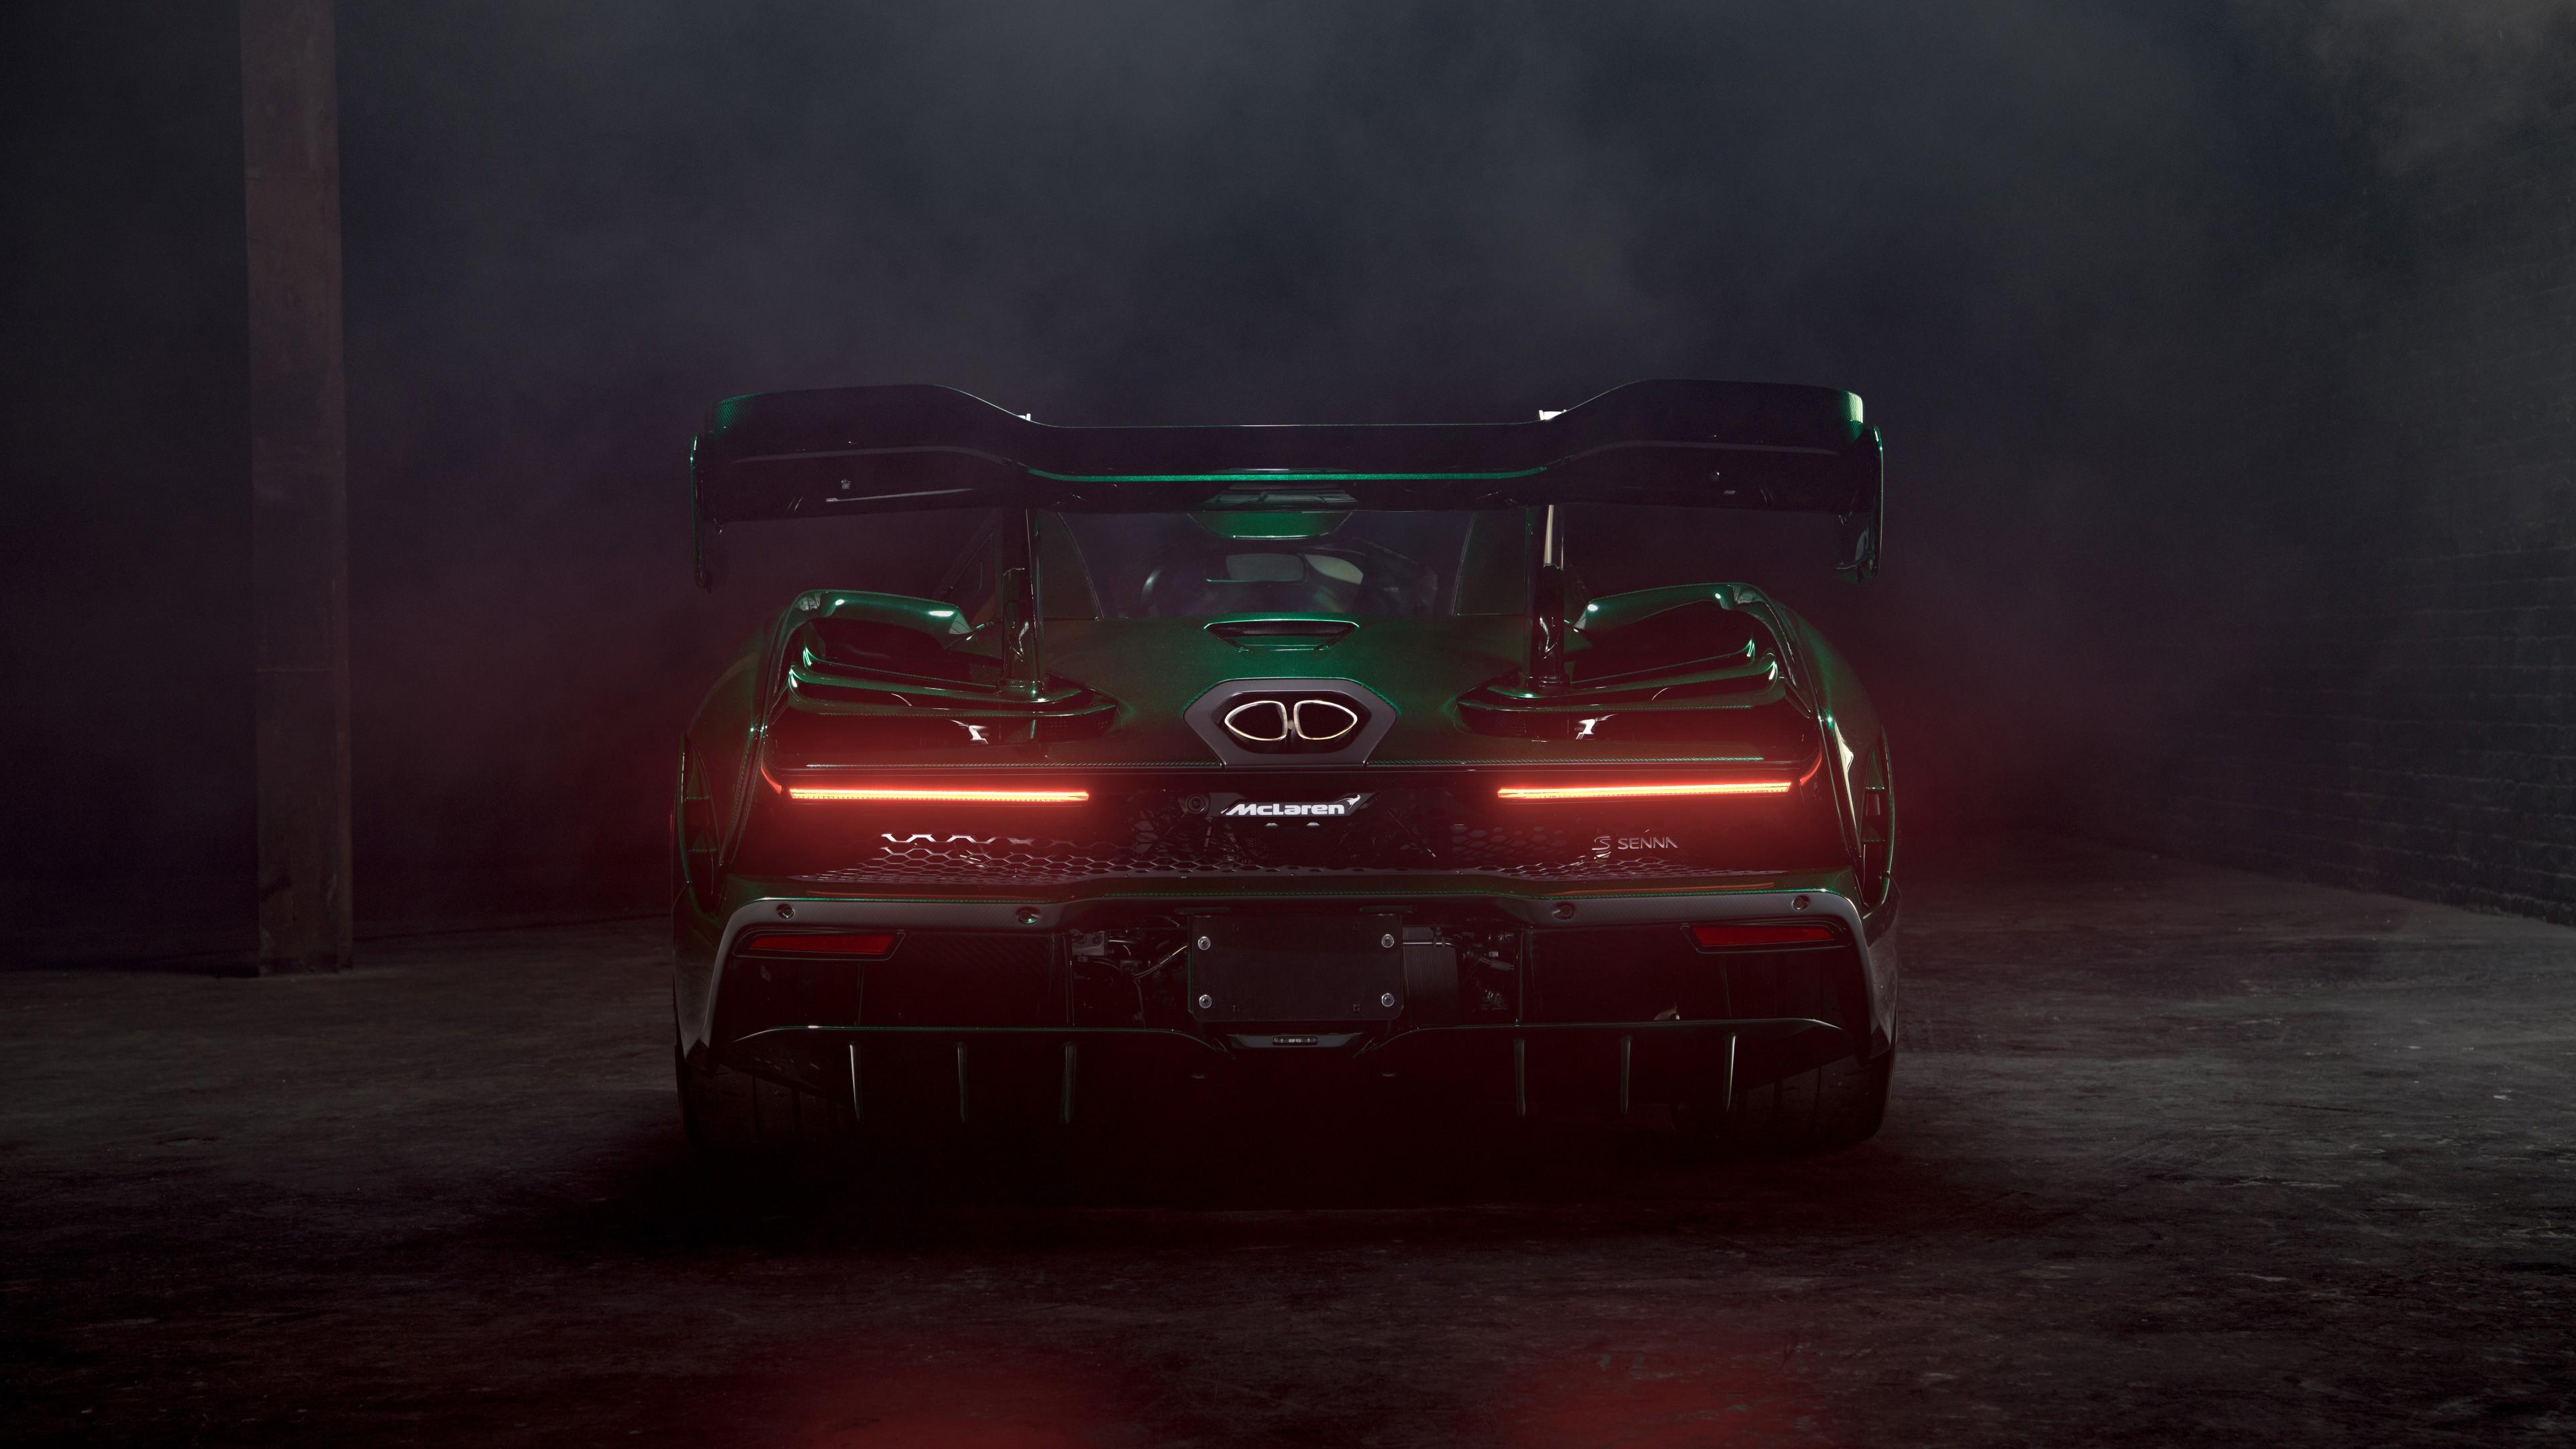 2018 Mclaren Senna Emerald Green 4k 8k Wallpaper Hd Car Wallpapers Id 10874